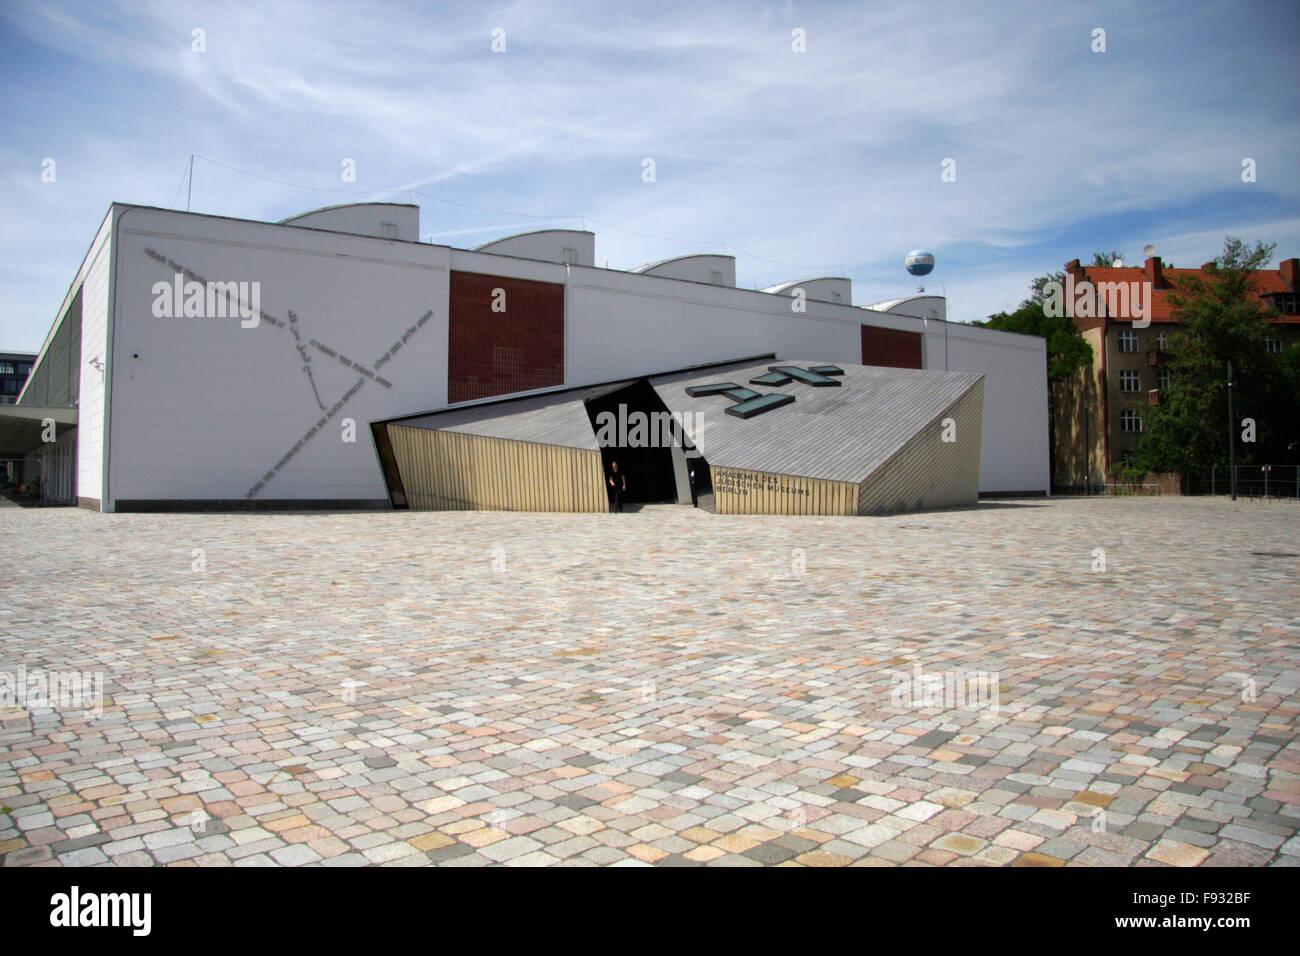 juedische Akademie, Berlin-Kreuzberg. - Stock Image